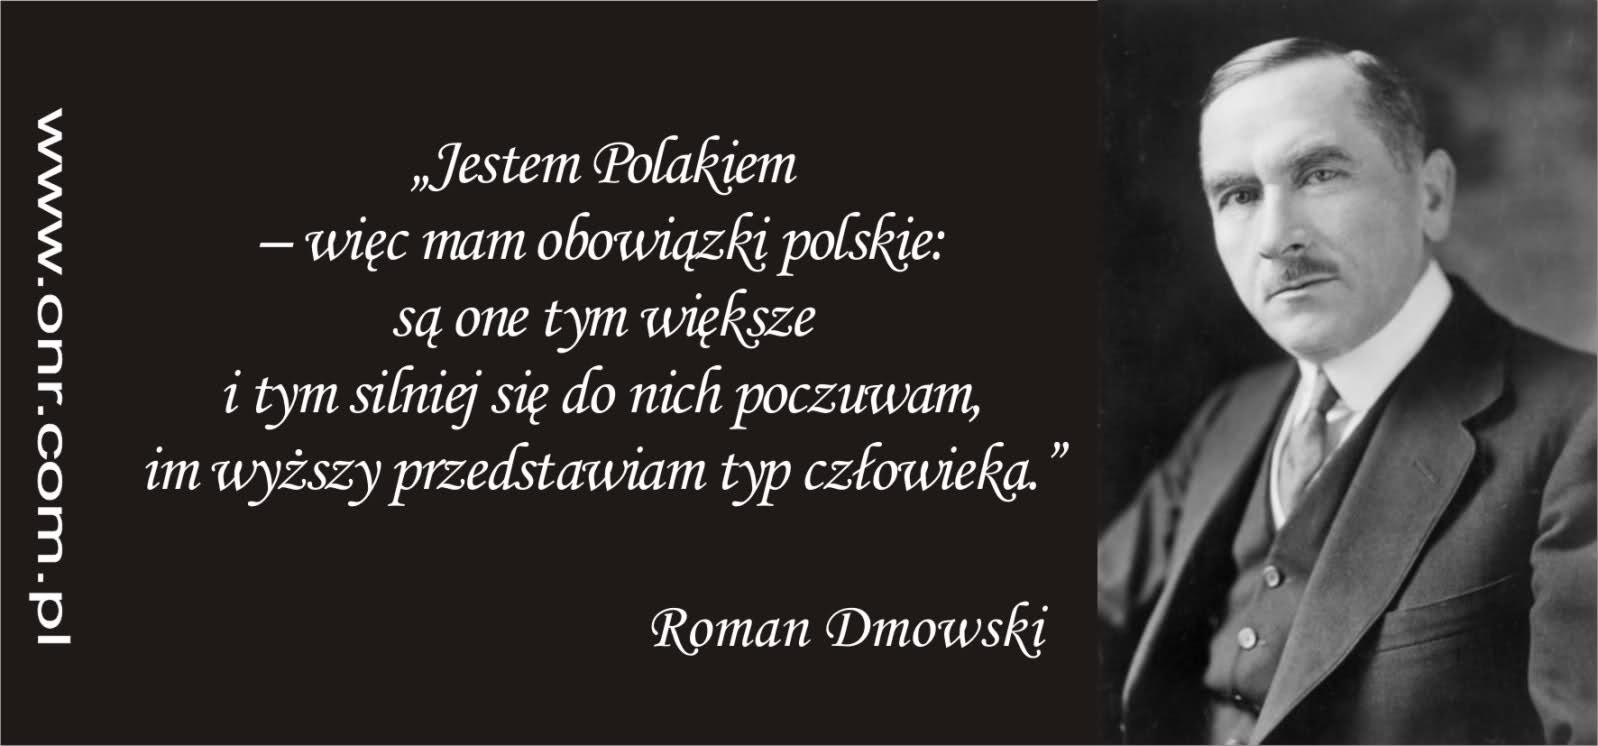 Roman Dmowski Twórca Naszych Pojęć Czyli O Jego Ogromnym Wpływie